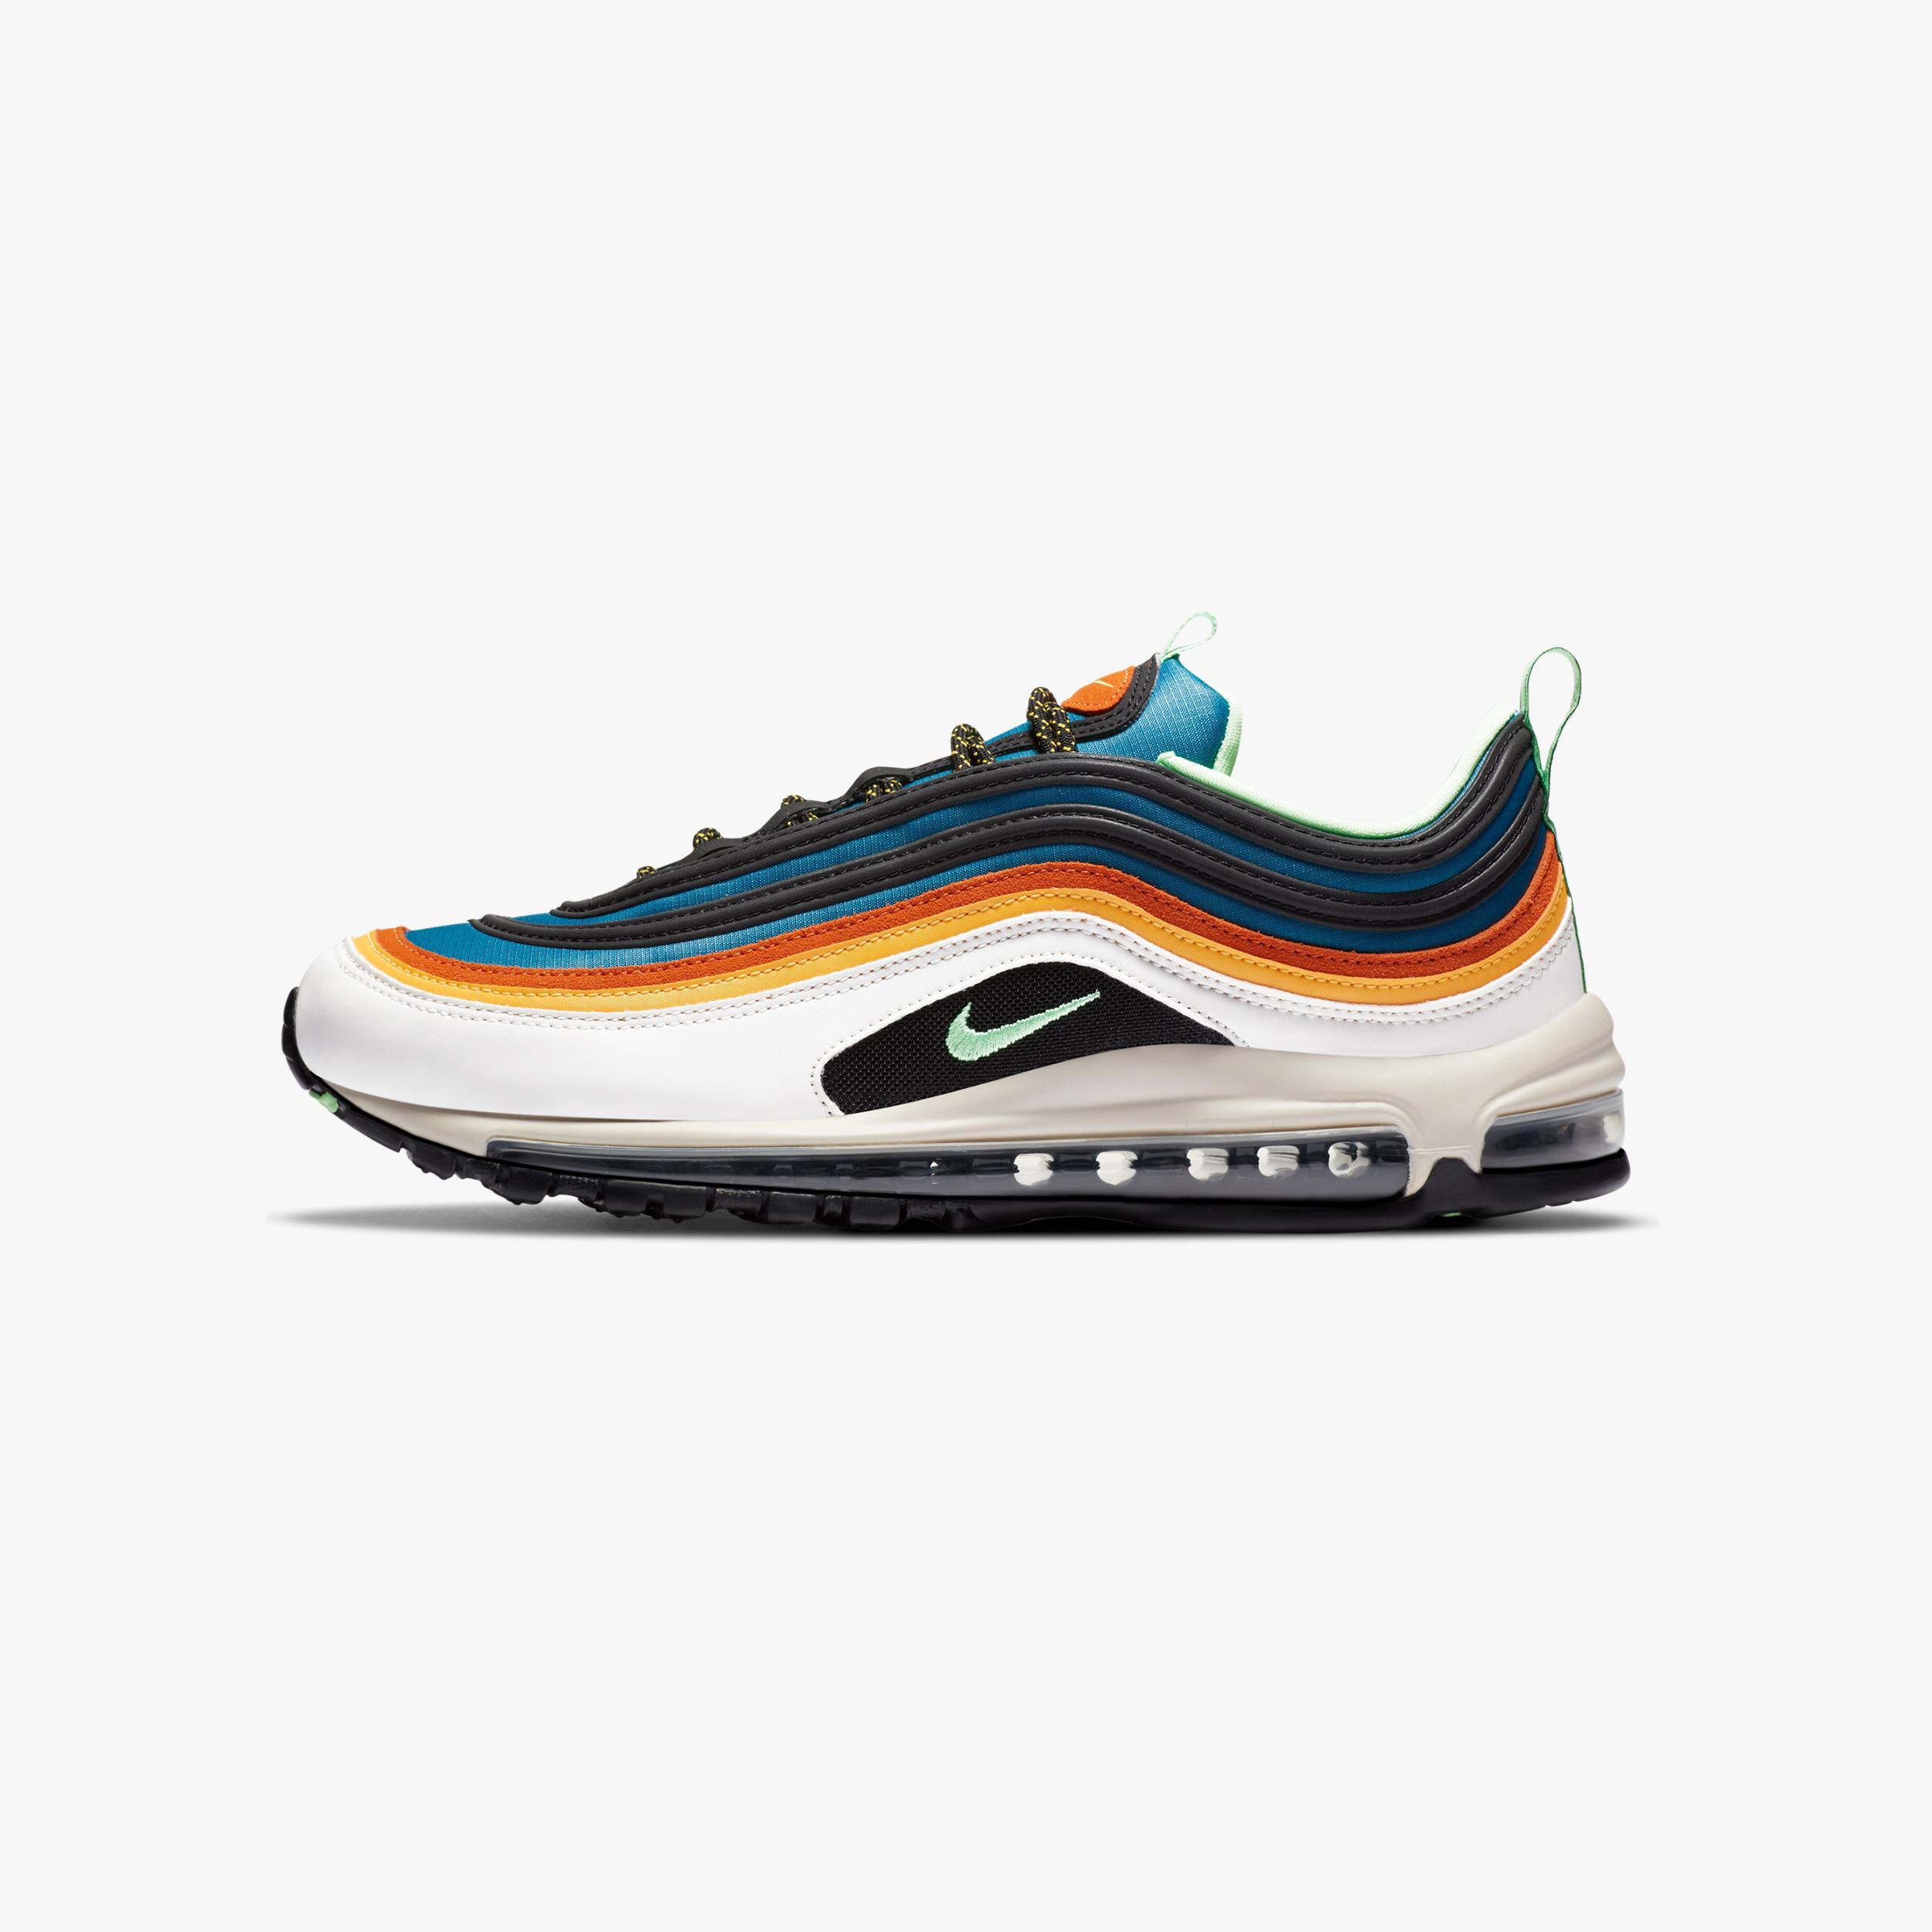 Nike Air Max 97 - Cz7868-300 - SNS | sneakers & streetwear en ...